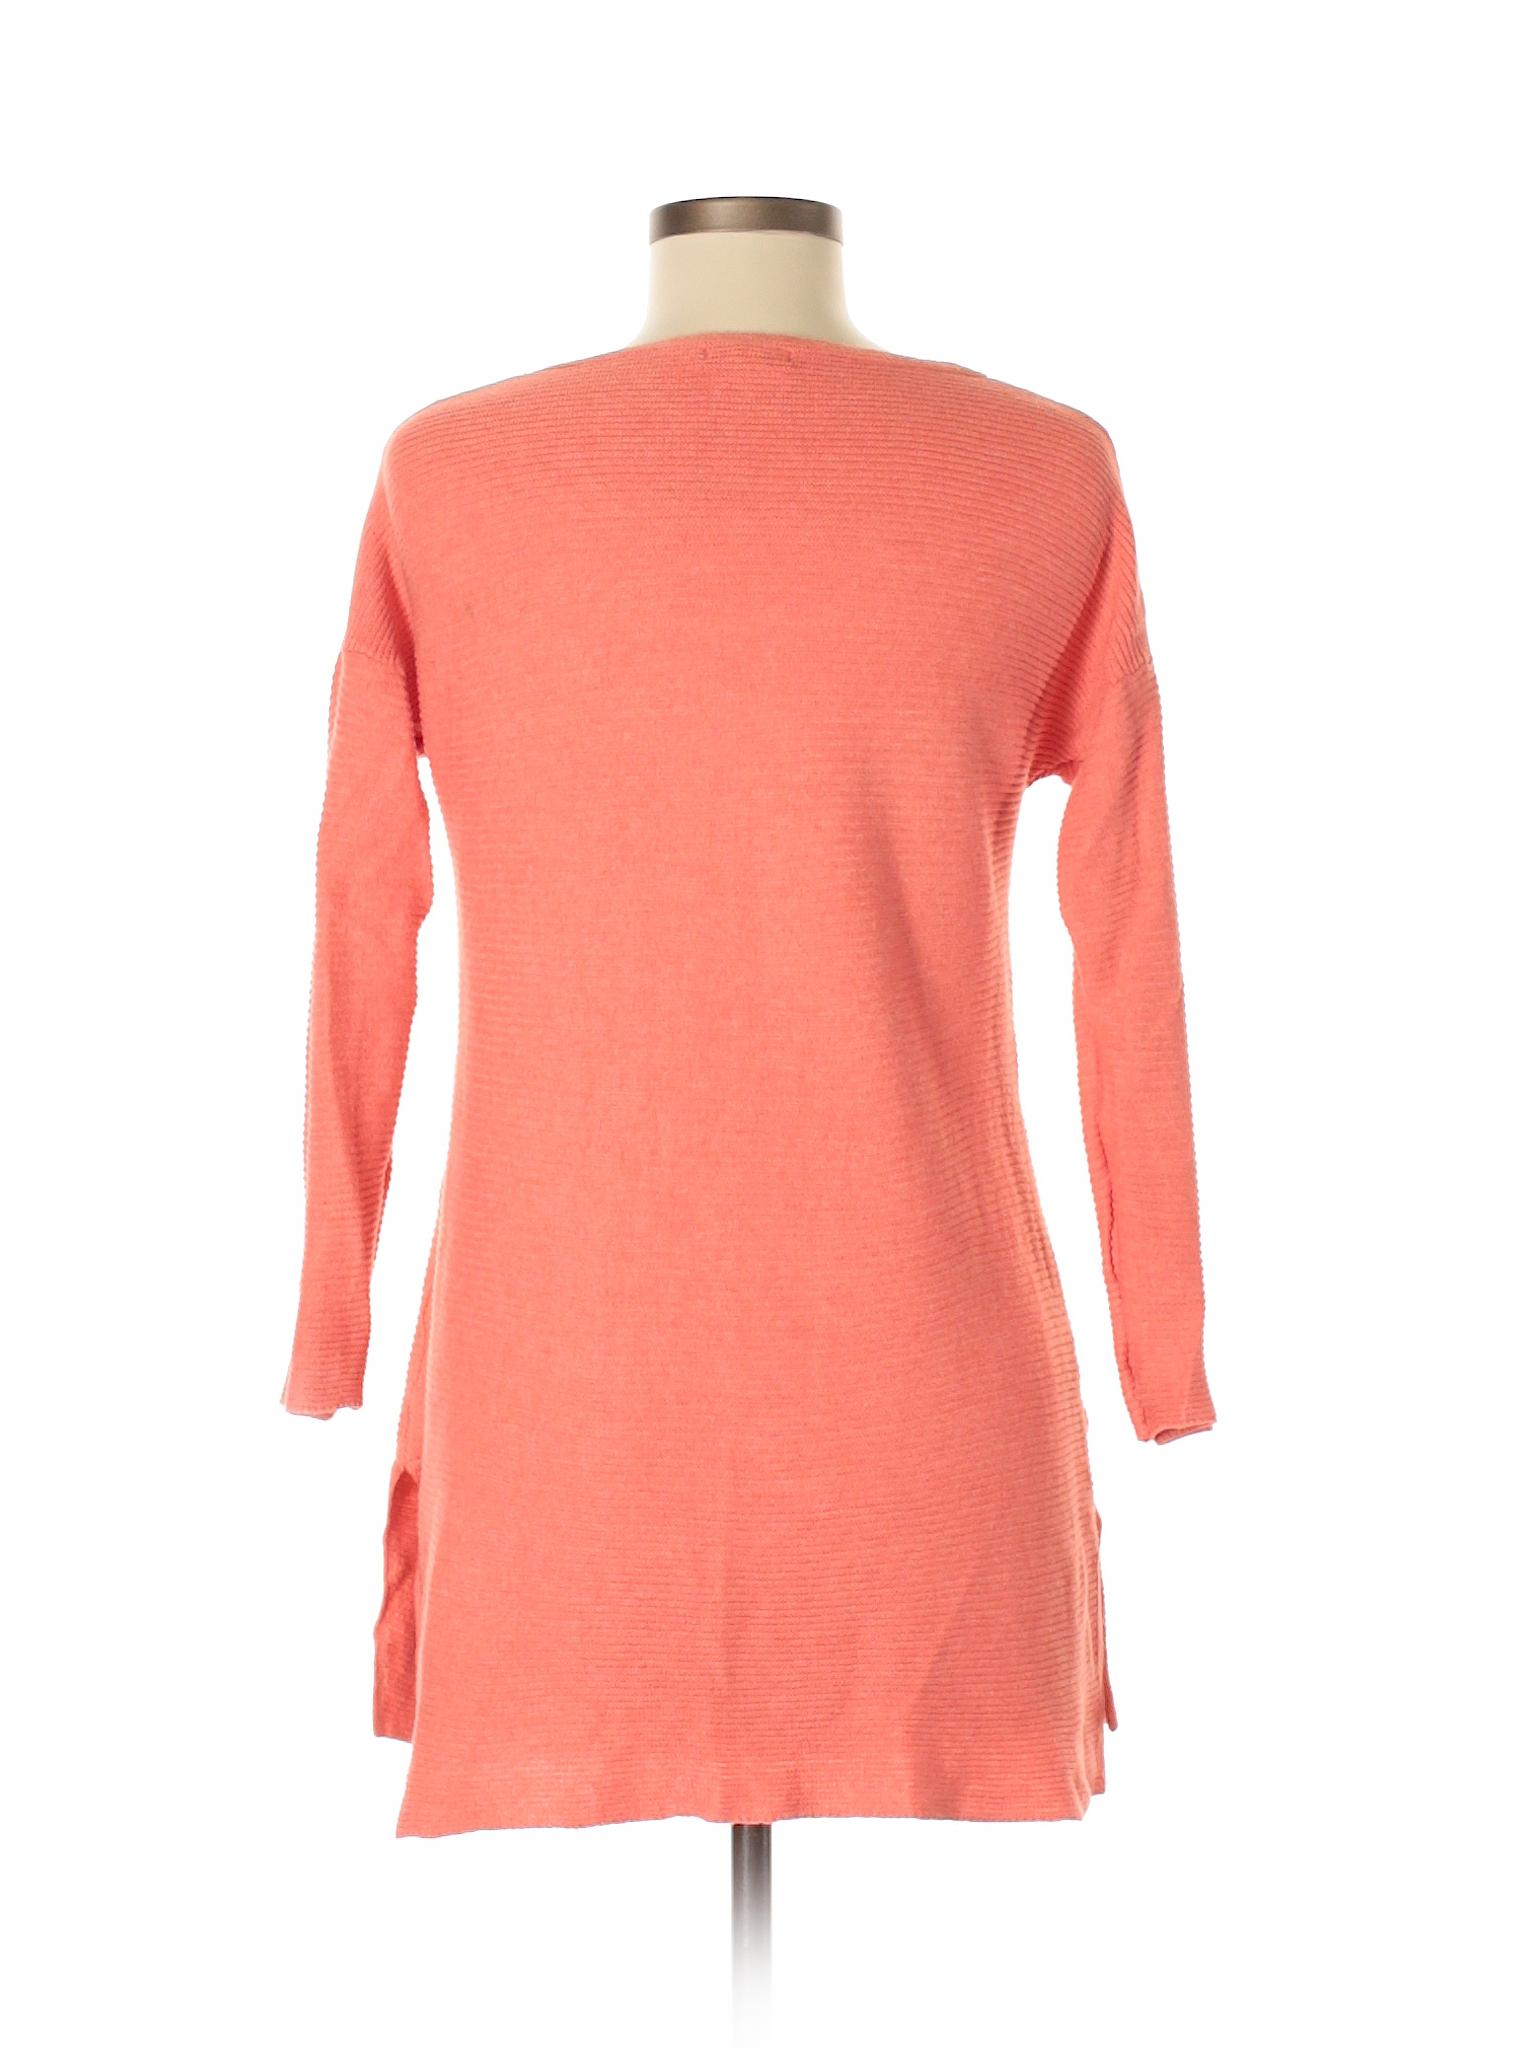 41423fa7422 ... Sweater Pullover Merona Pullover Merona winter winter Boutique Boutique  8Pwqwp